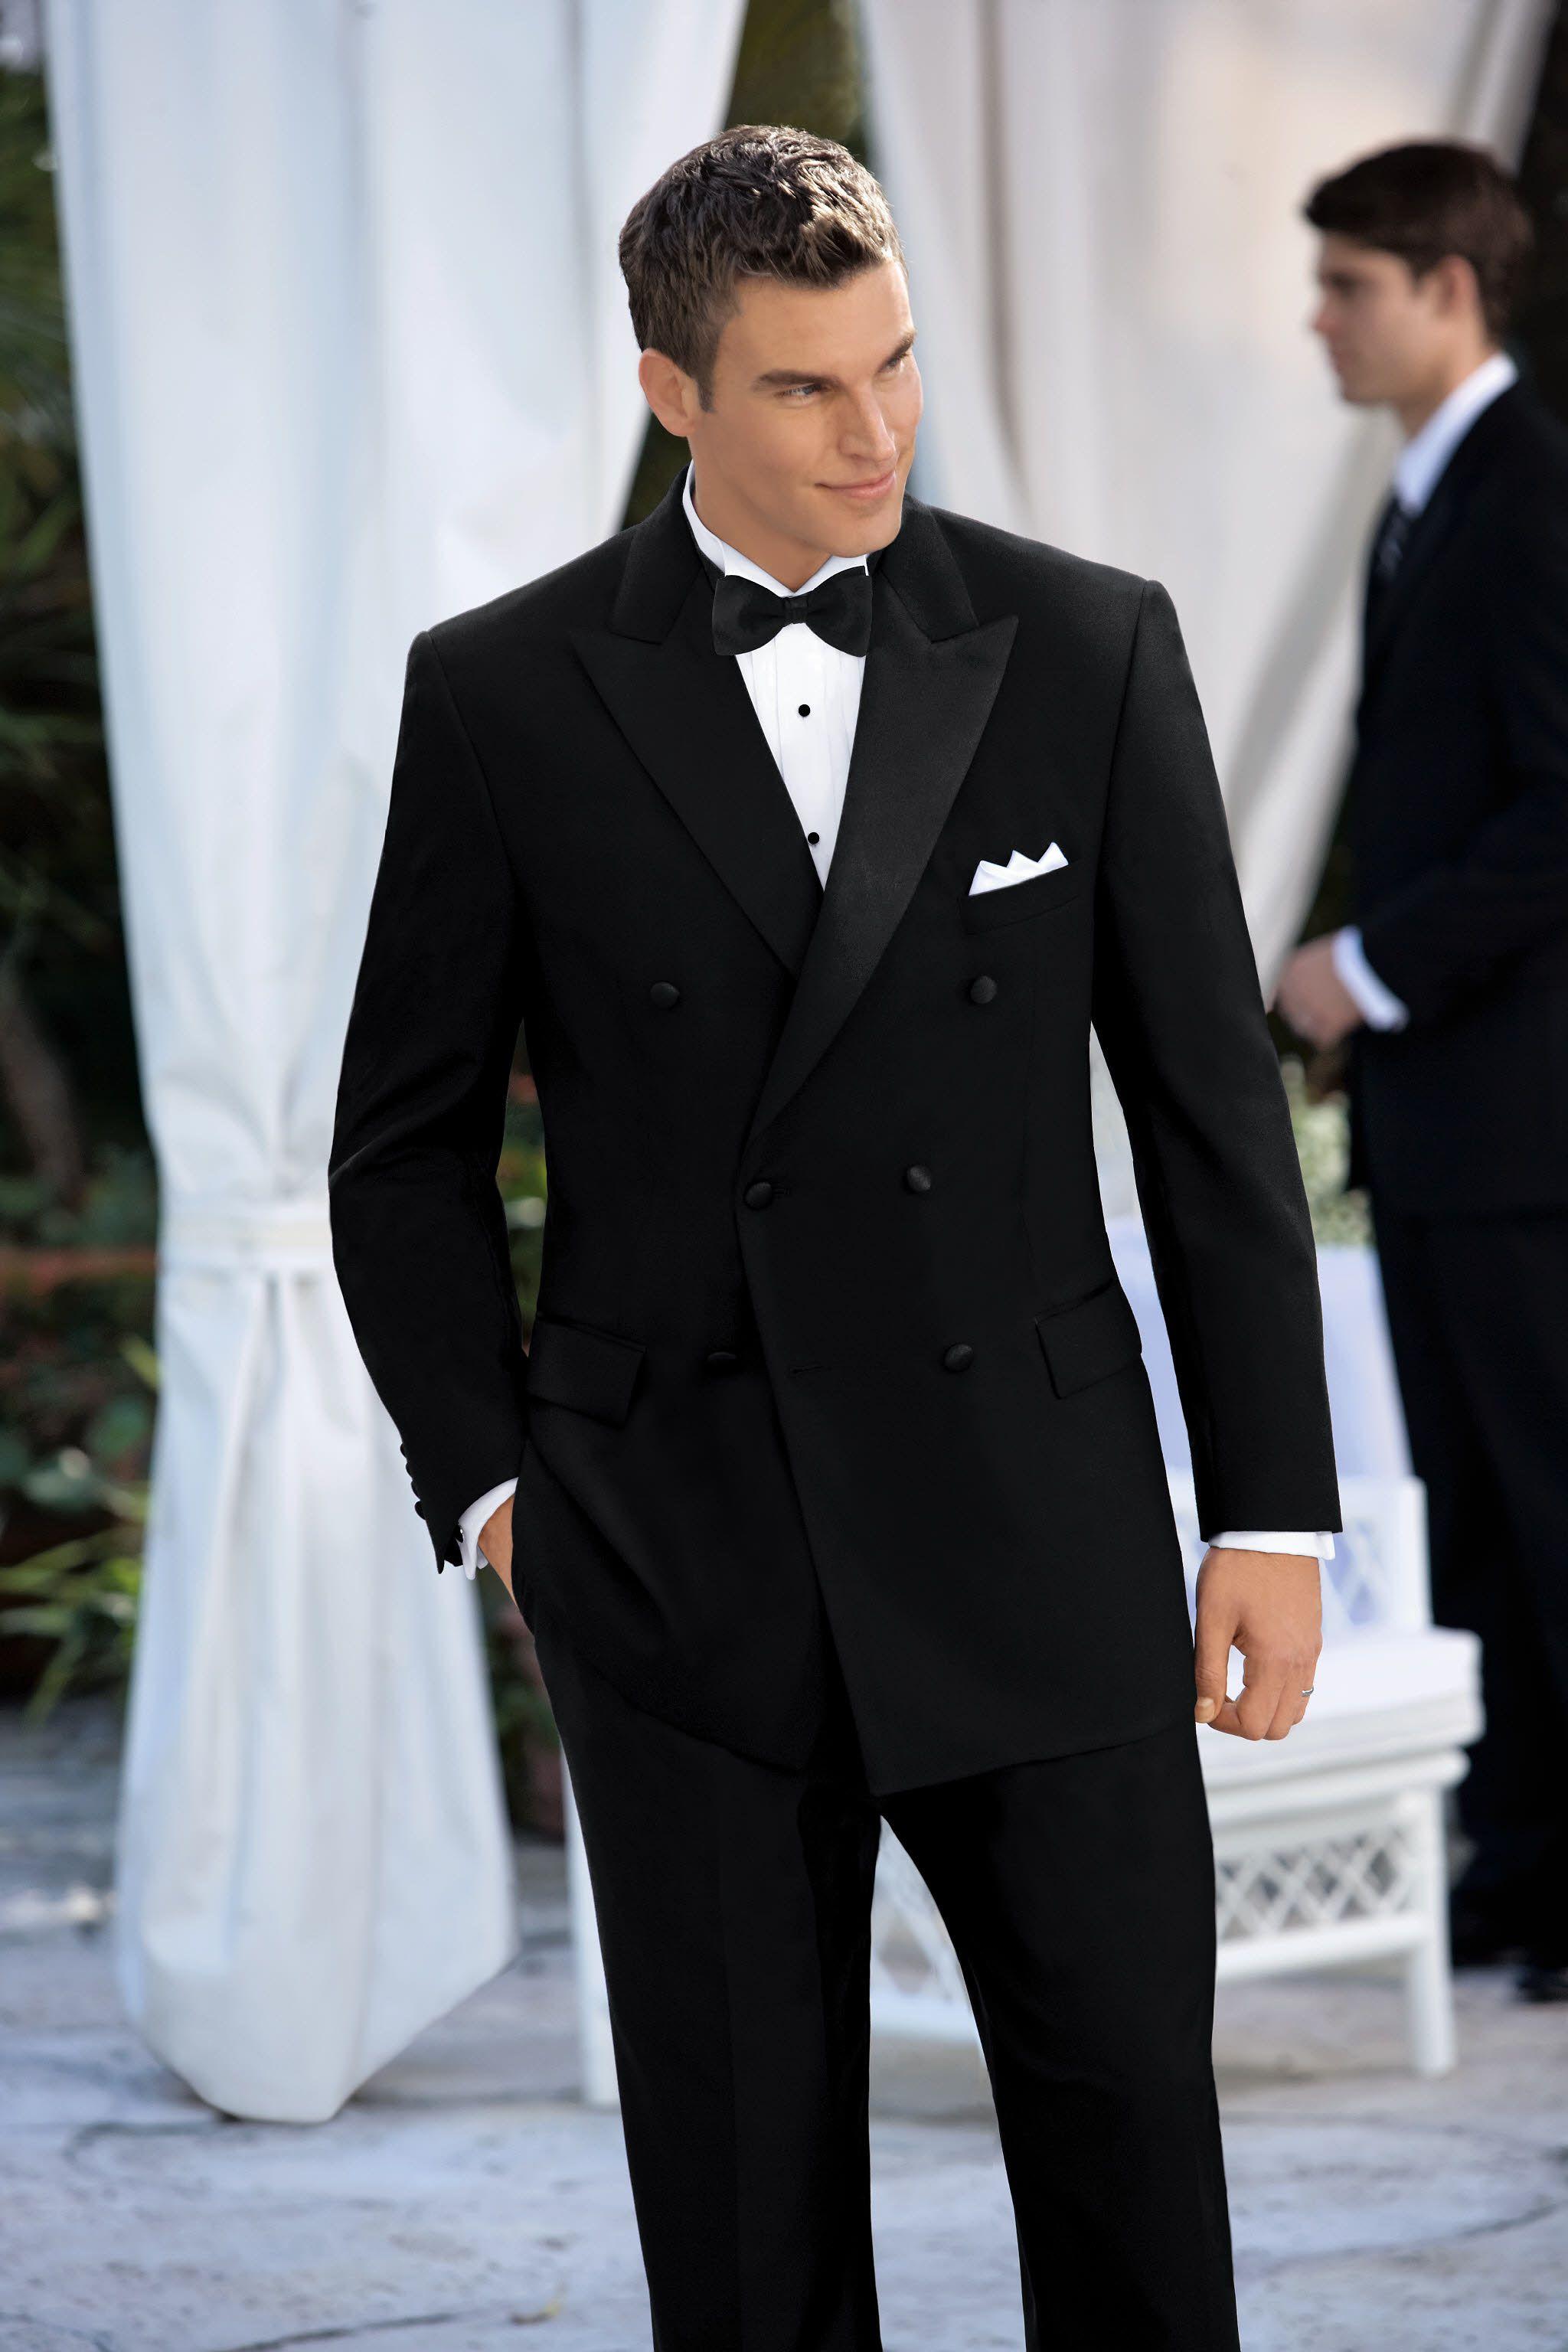 Tuxedo jacket black tuxedo trousers signature formal dress shirts